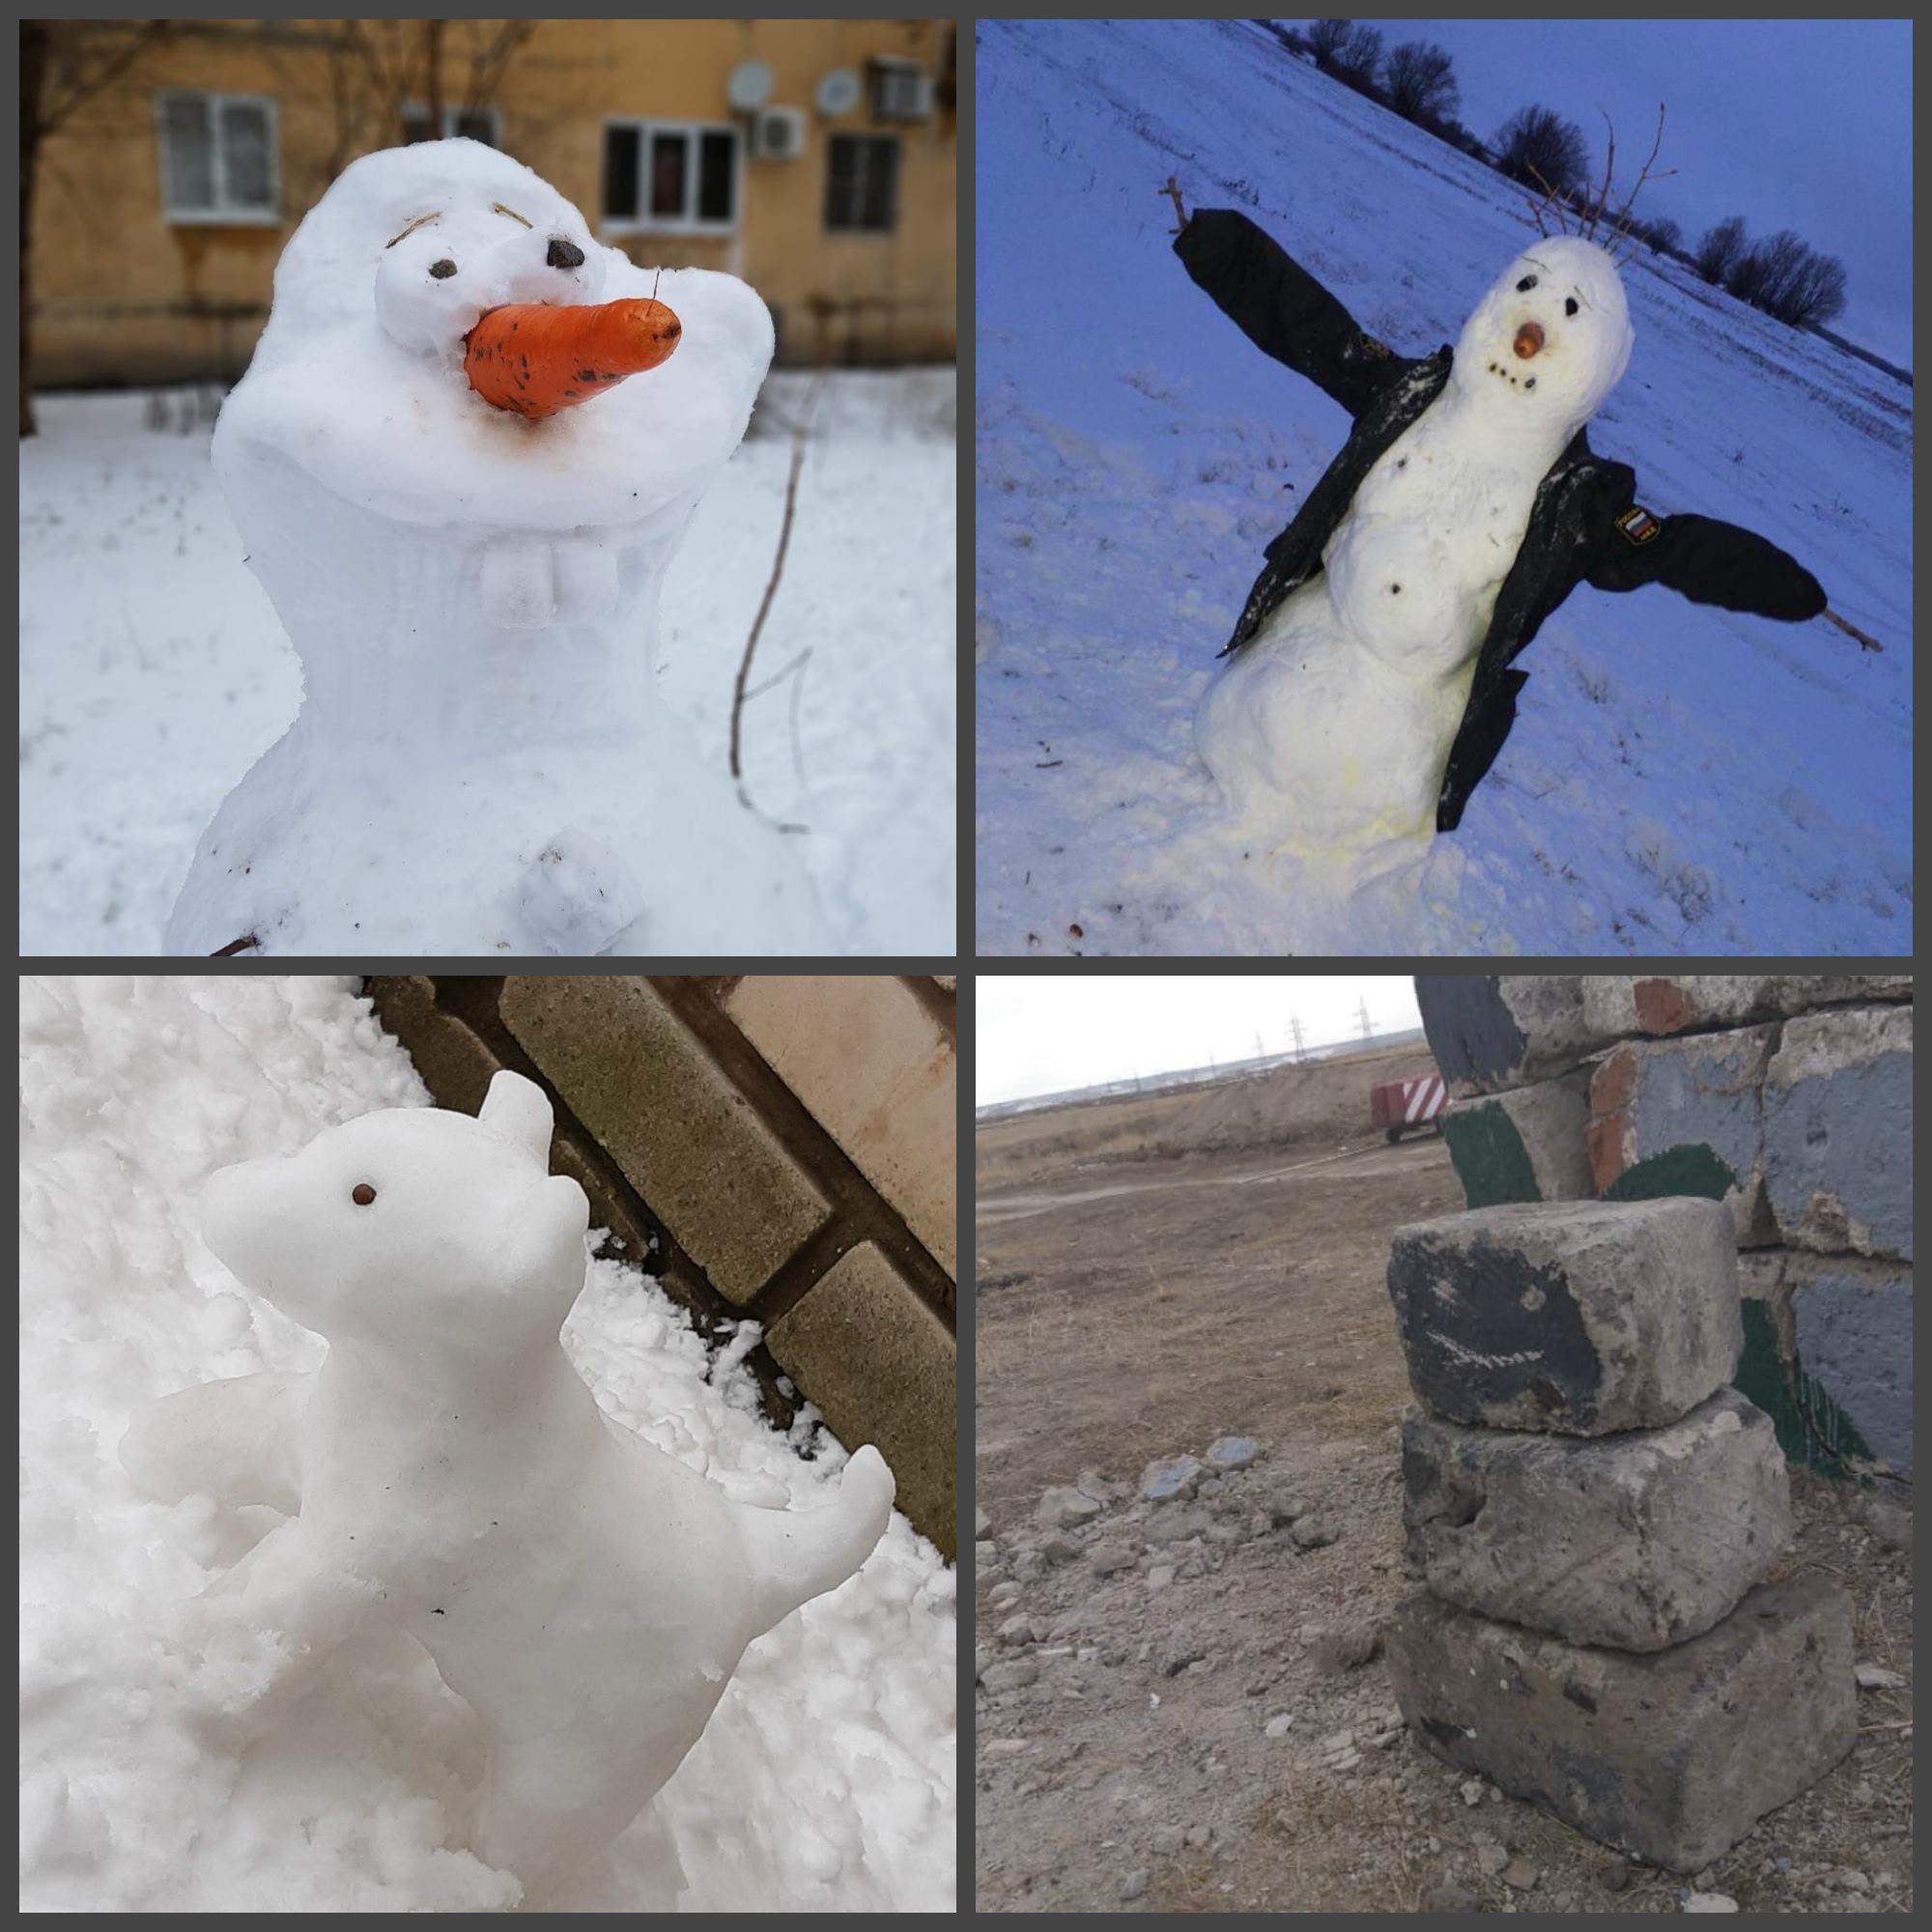 Олаф из «Холодного серда» , снежное пугало и ледяной полицейский: астраханцы слепили свои снежные фигуры